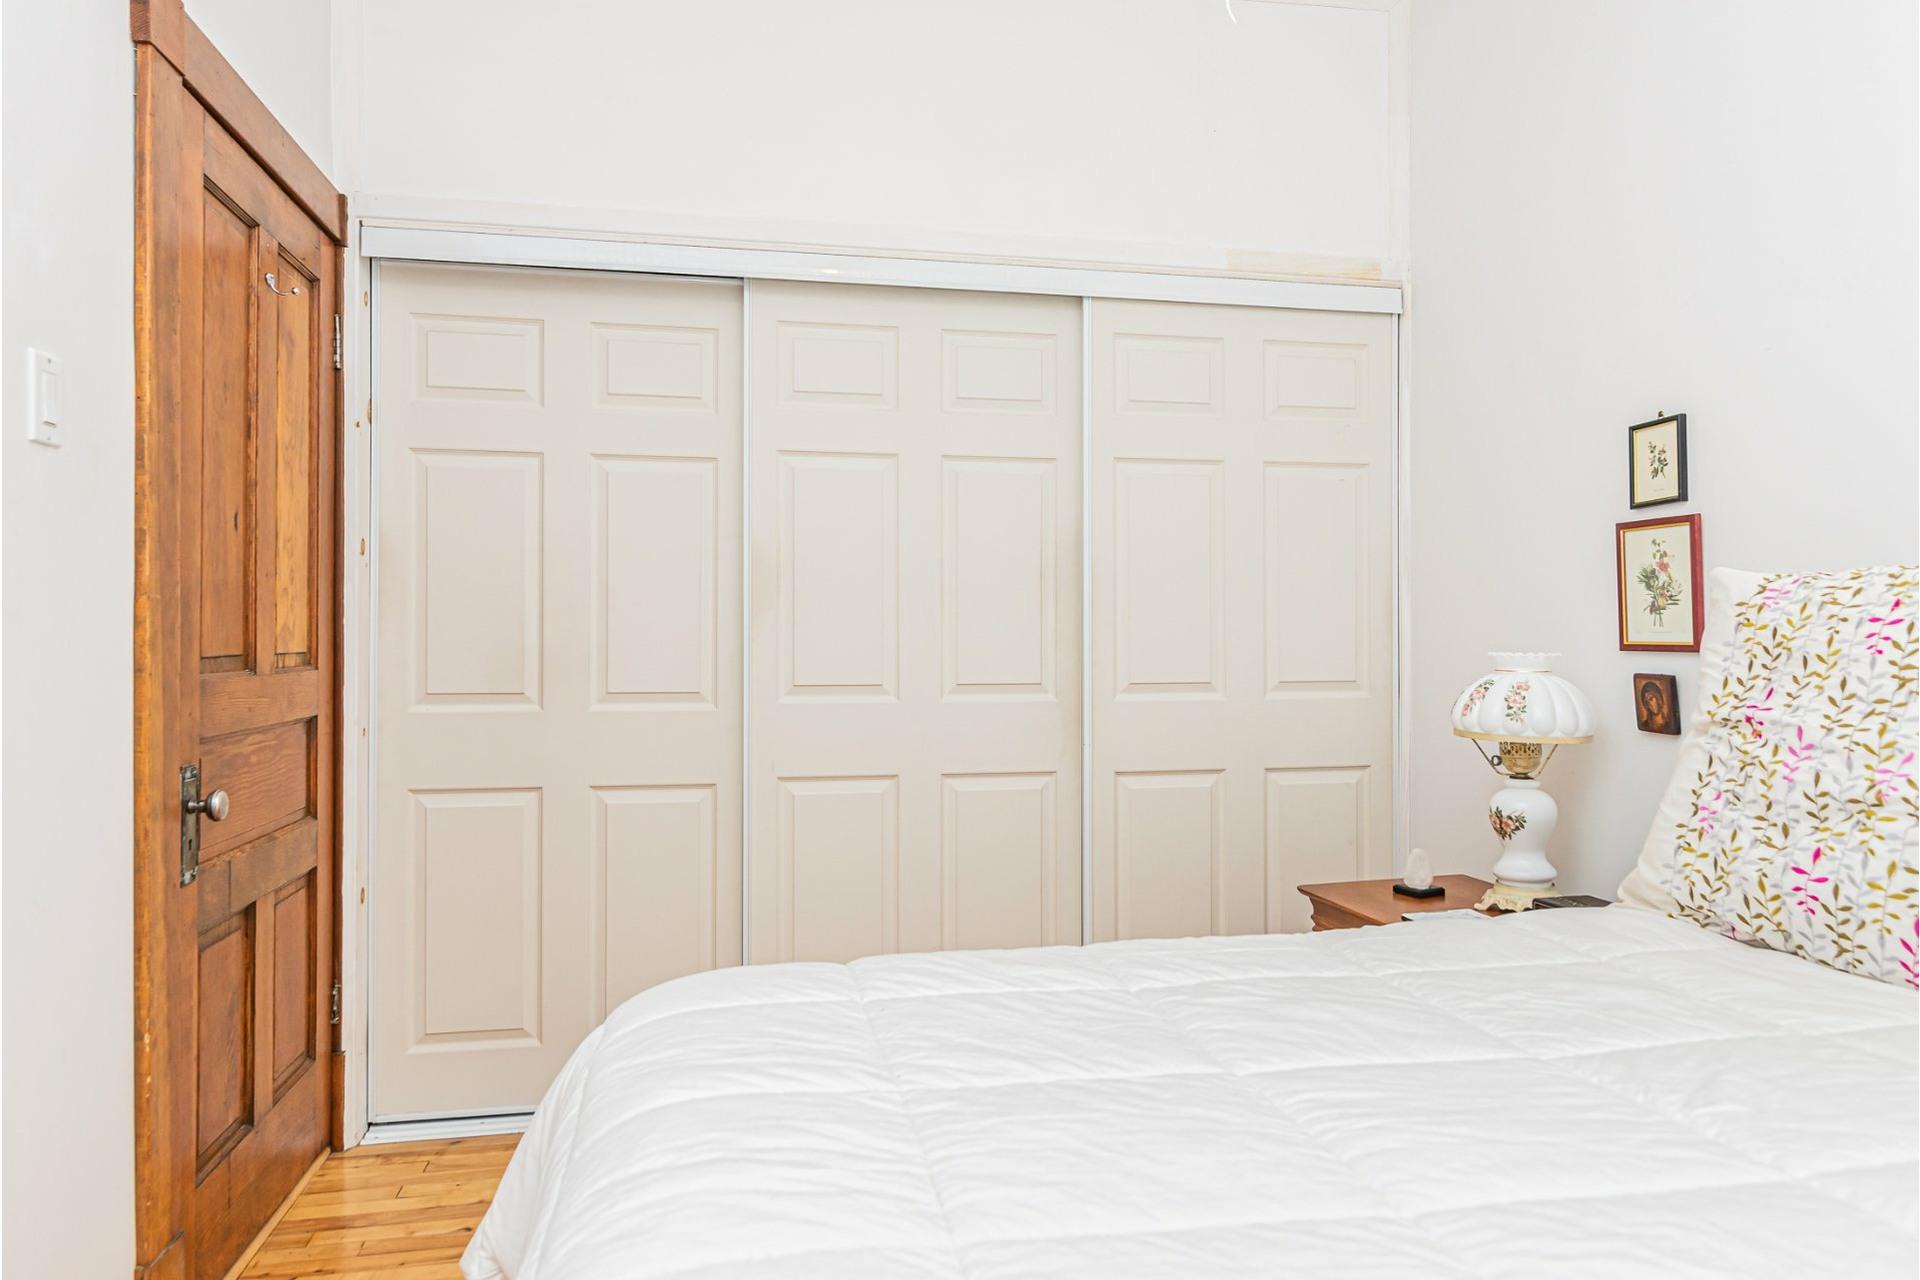 image 42 - Duplex À vendre Côte-des-Neiges/Notre-Dame-de-Grâce Montréal  - 5 pièces